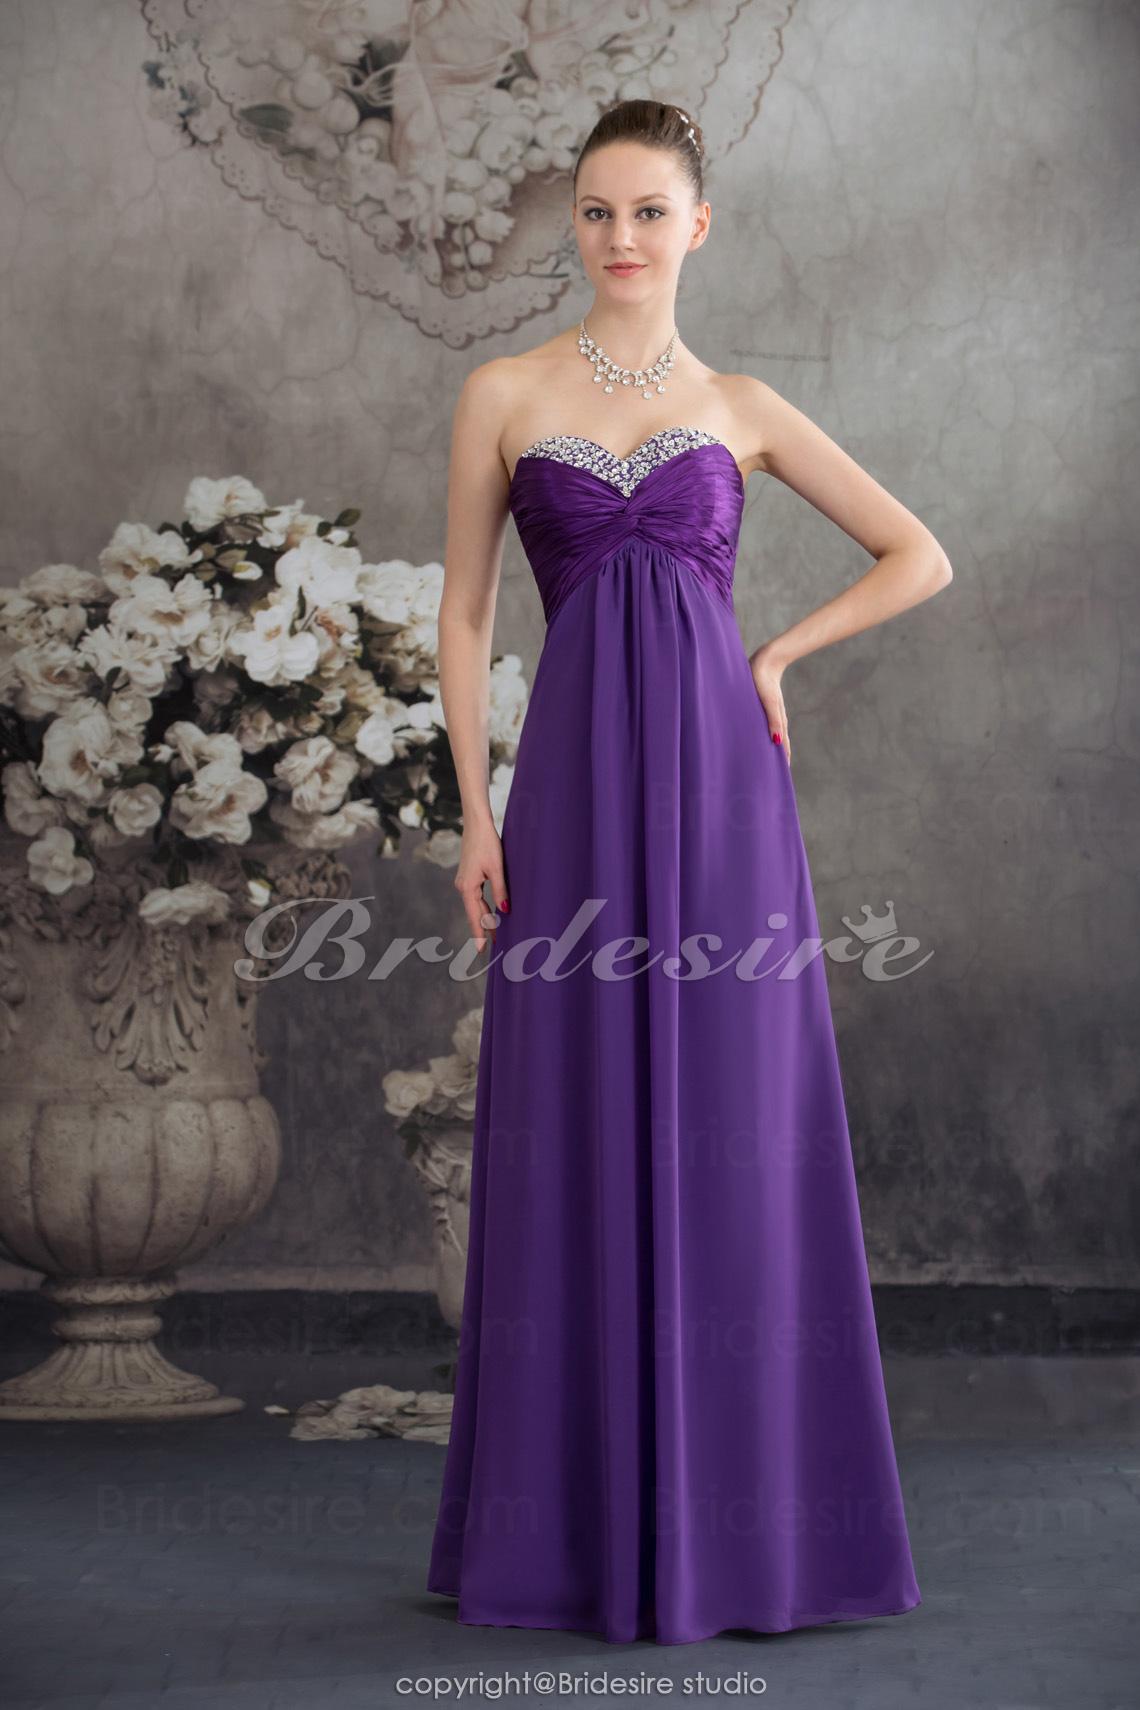 911764f7b Bridesire - Corte Recto Escote Corazón Hasta el Suelo Sin Mangas Gasa  Vestido  BD4571  - €86.34   Bridesire